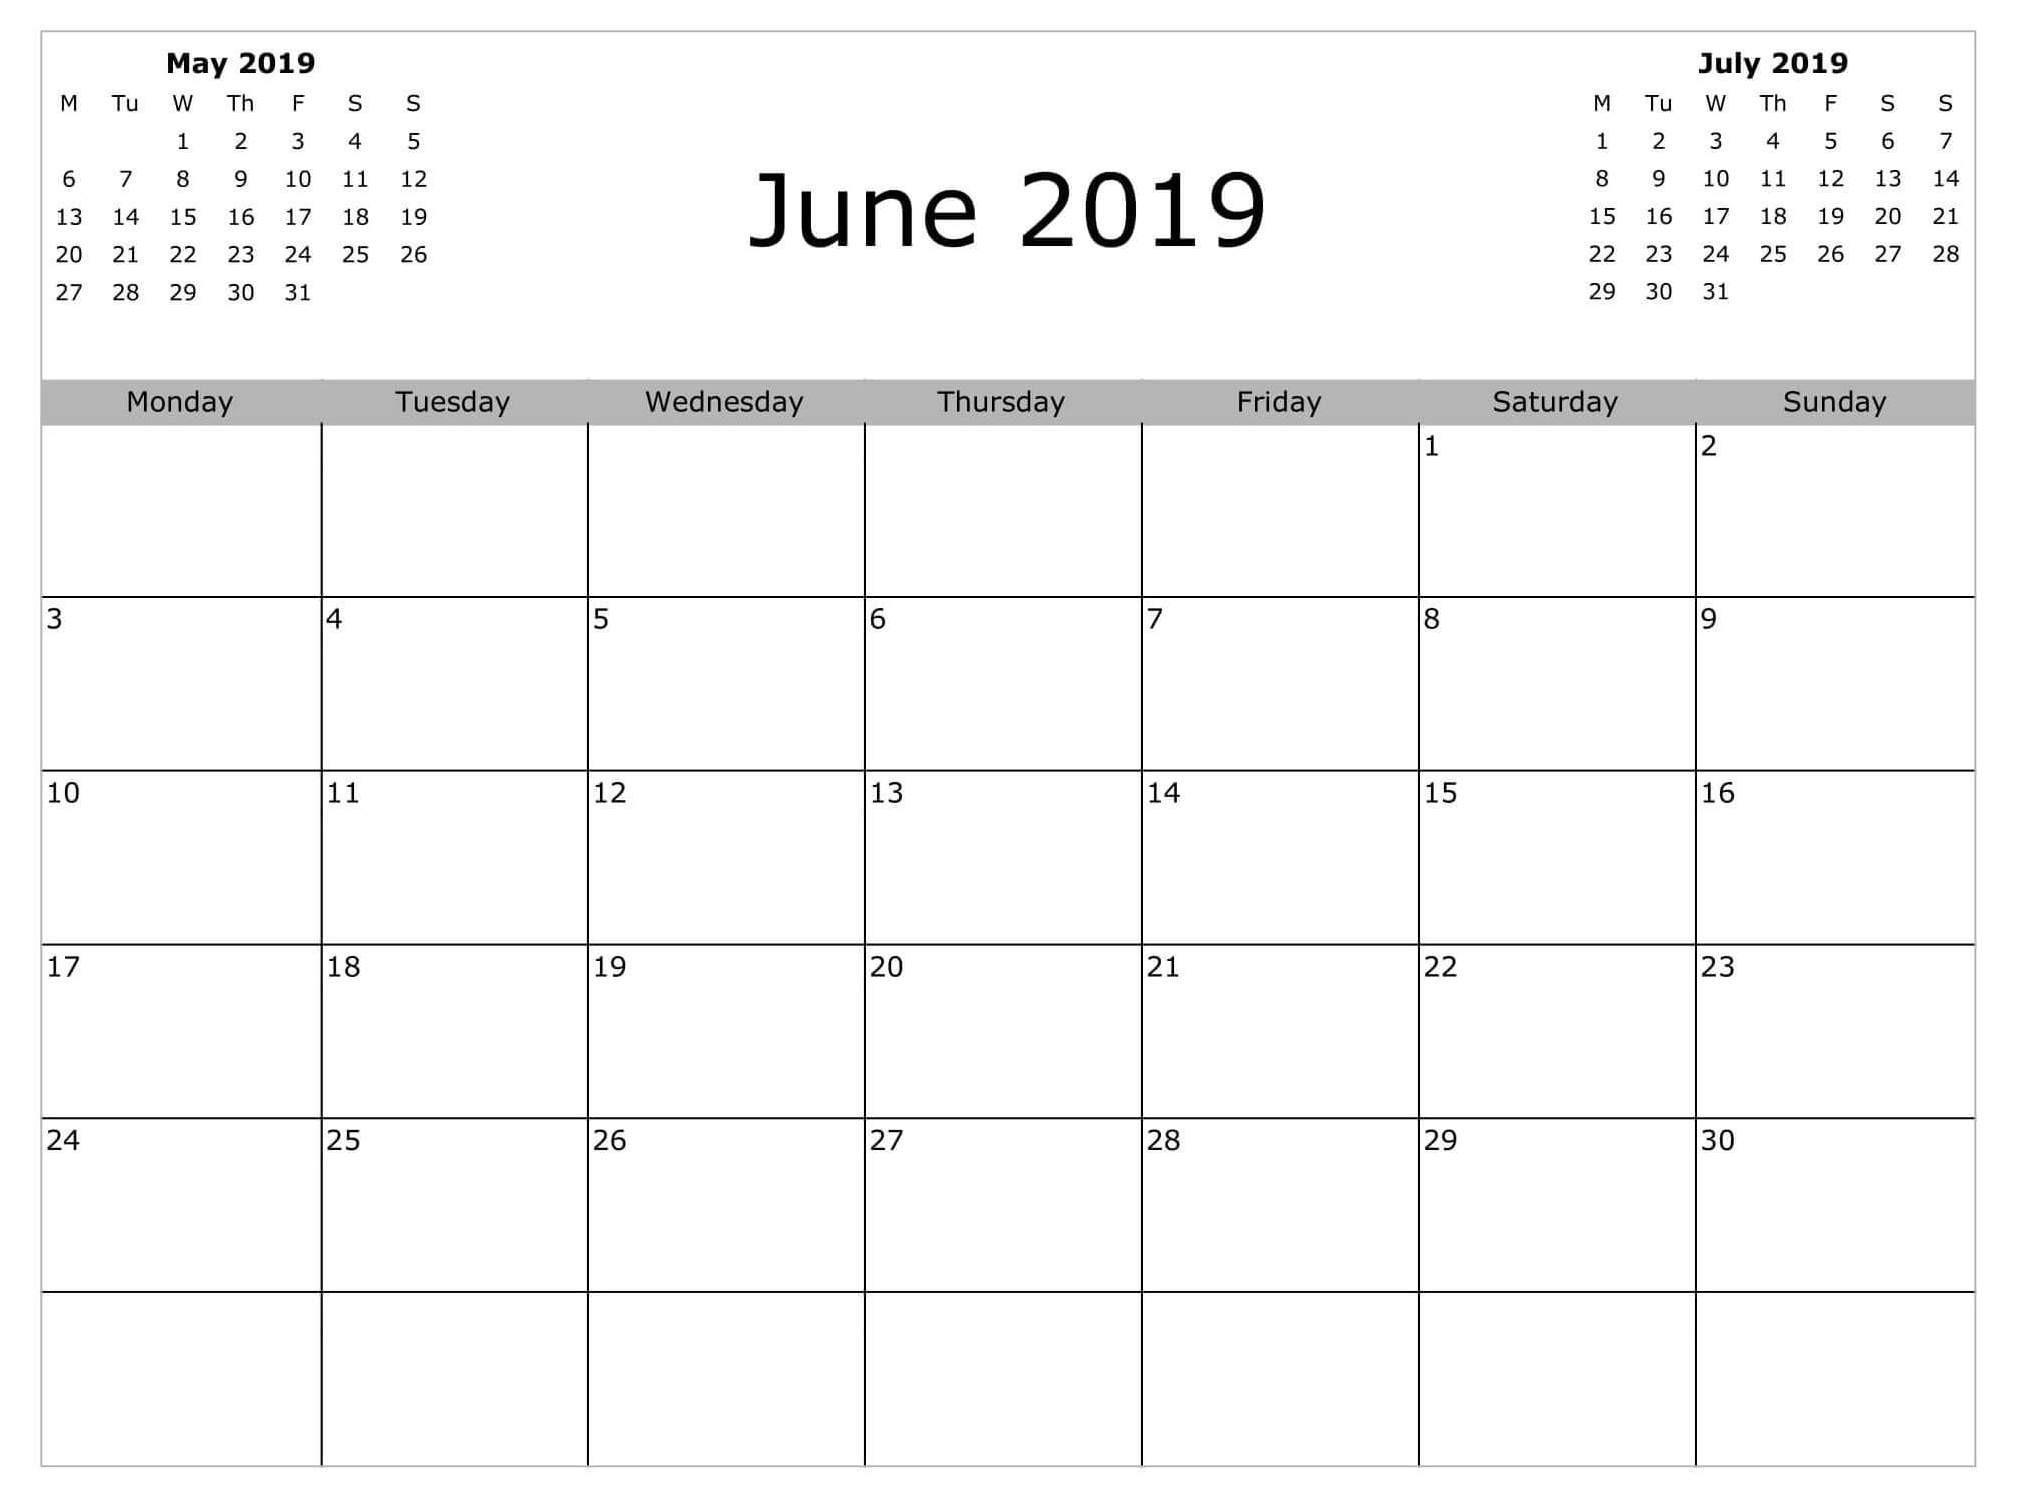 Free Printable Calendar Weekly June 2019 | Calendar Template